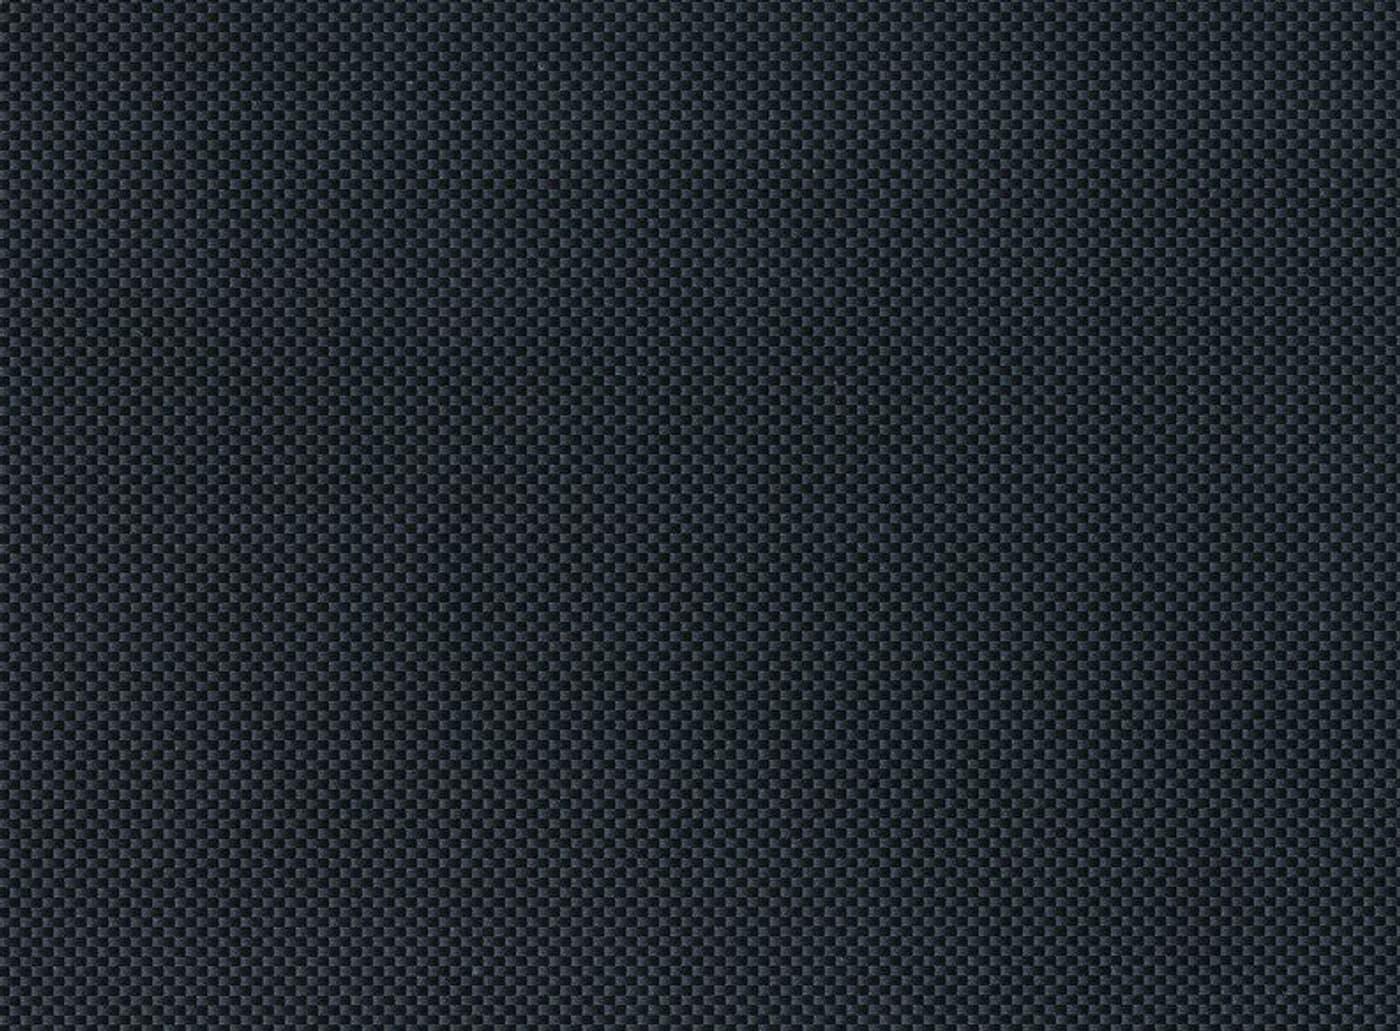 d c fix carbonfolien selbstklebend schwarz silber migros. Black Bedroom Furniture Sets. Home Design Ideas